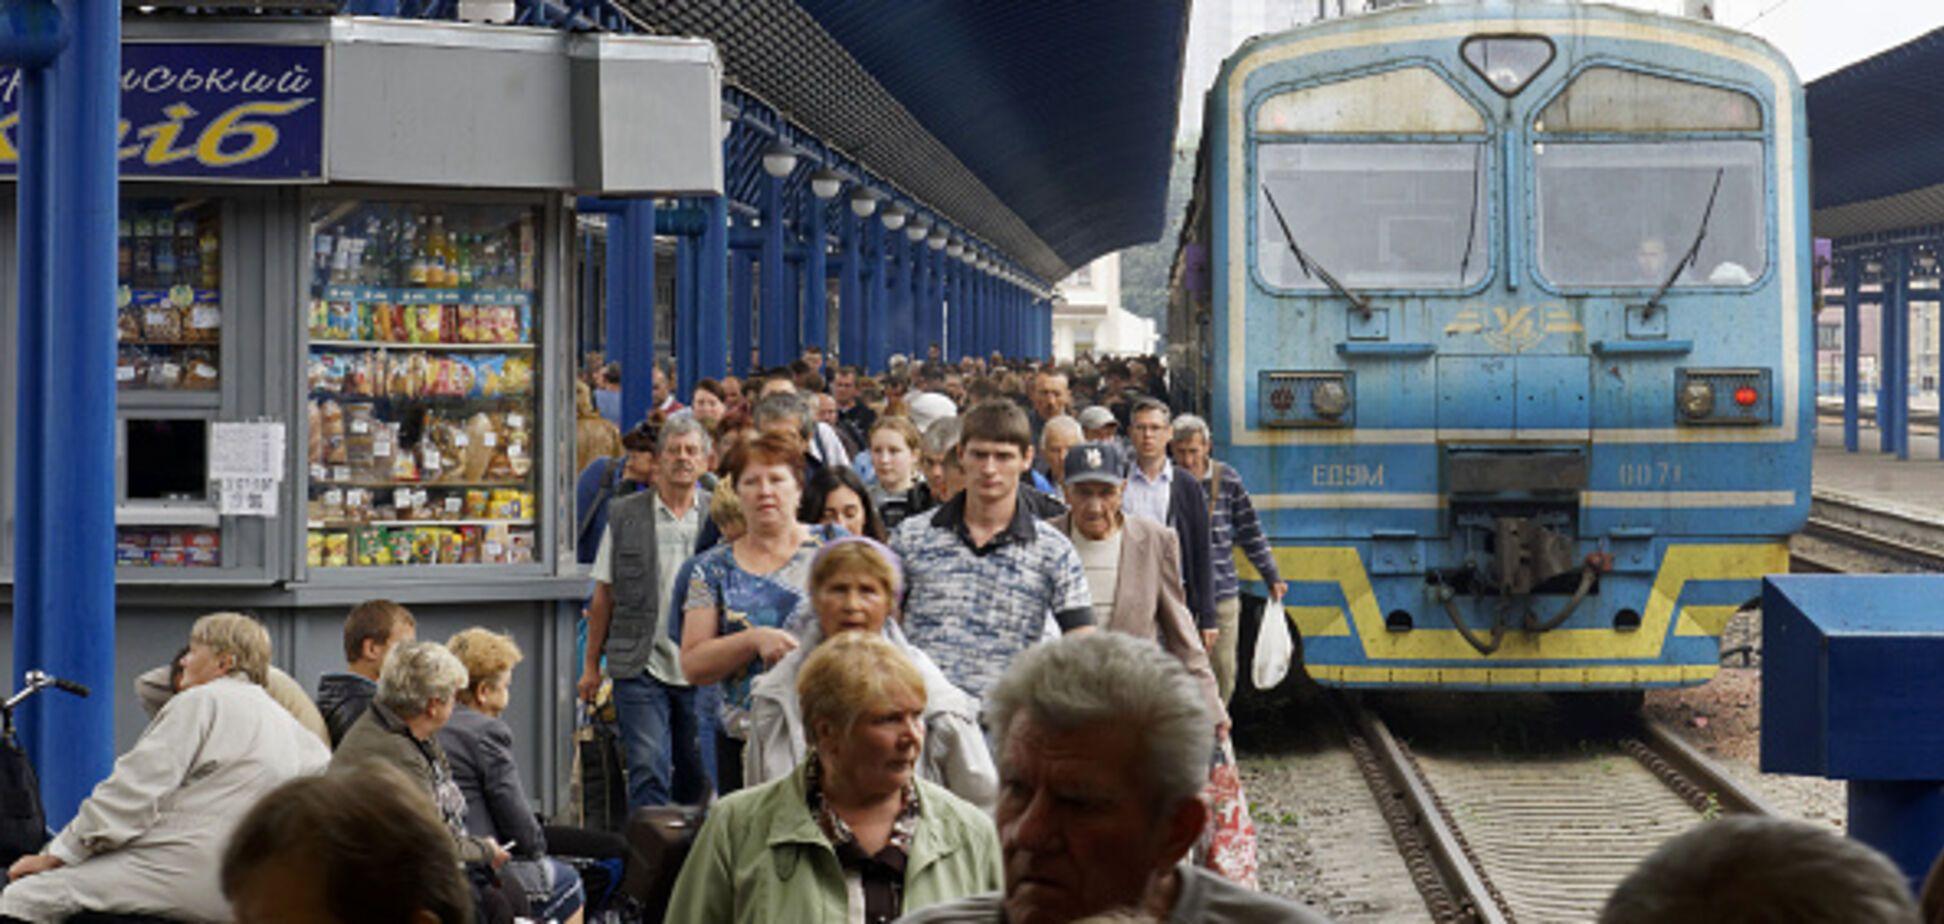 'Укрзалізниця' взагалі очманіла': розцінка на 'послугу' у вагоні обурила пасажирів